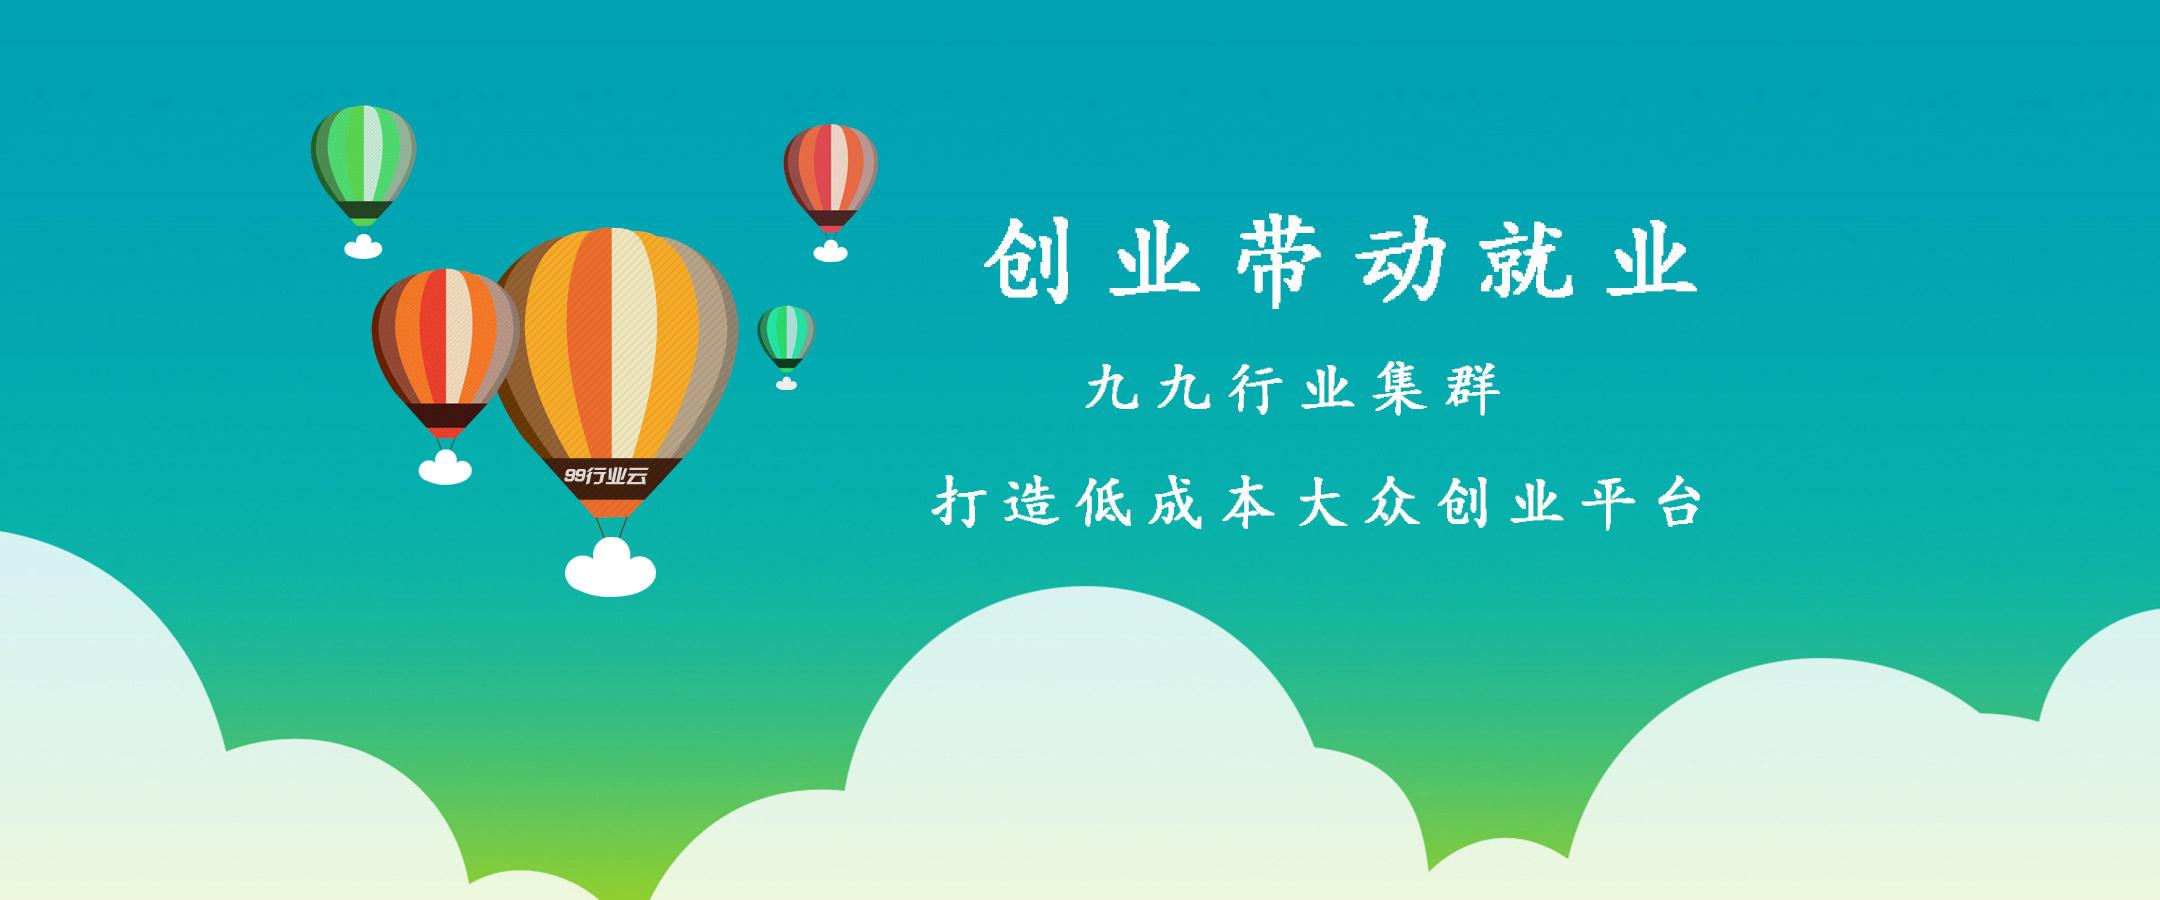 安徽云丰网络科技有限责任公司-首个云平台